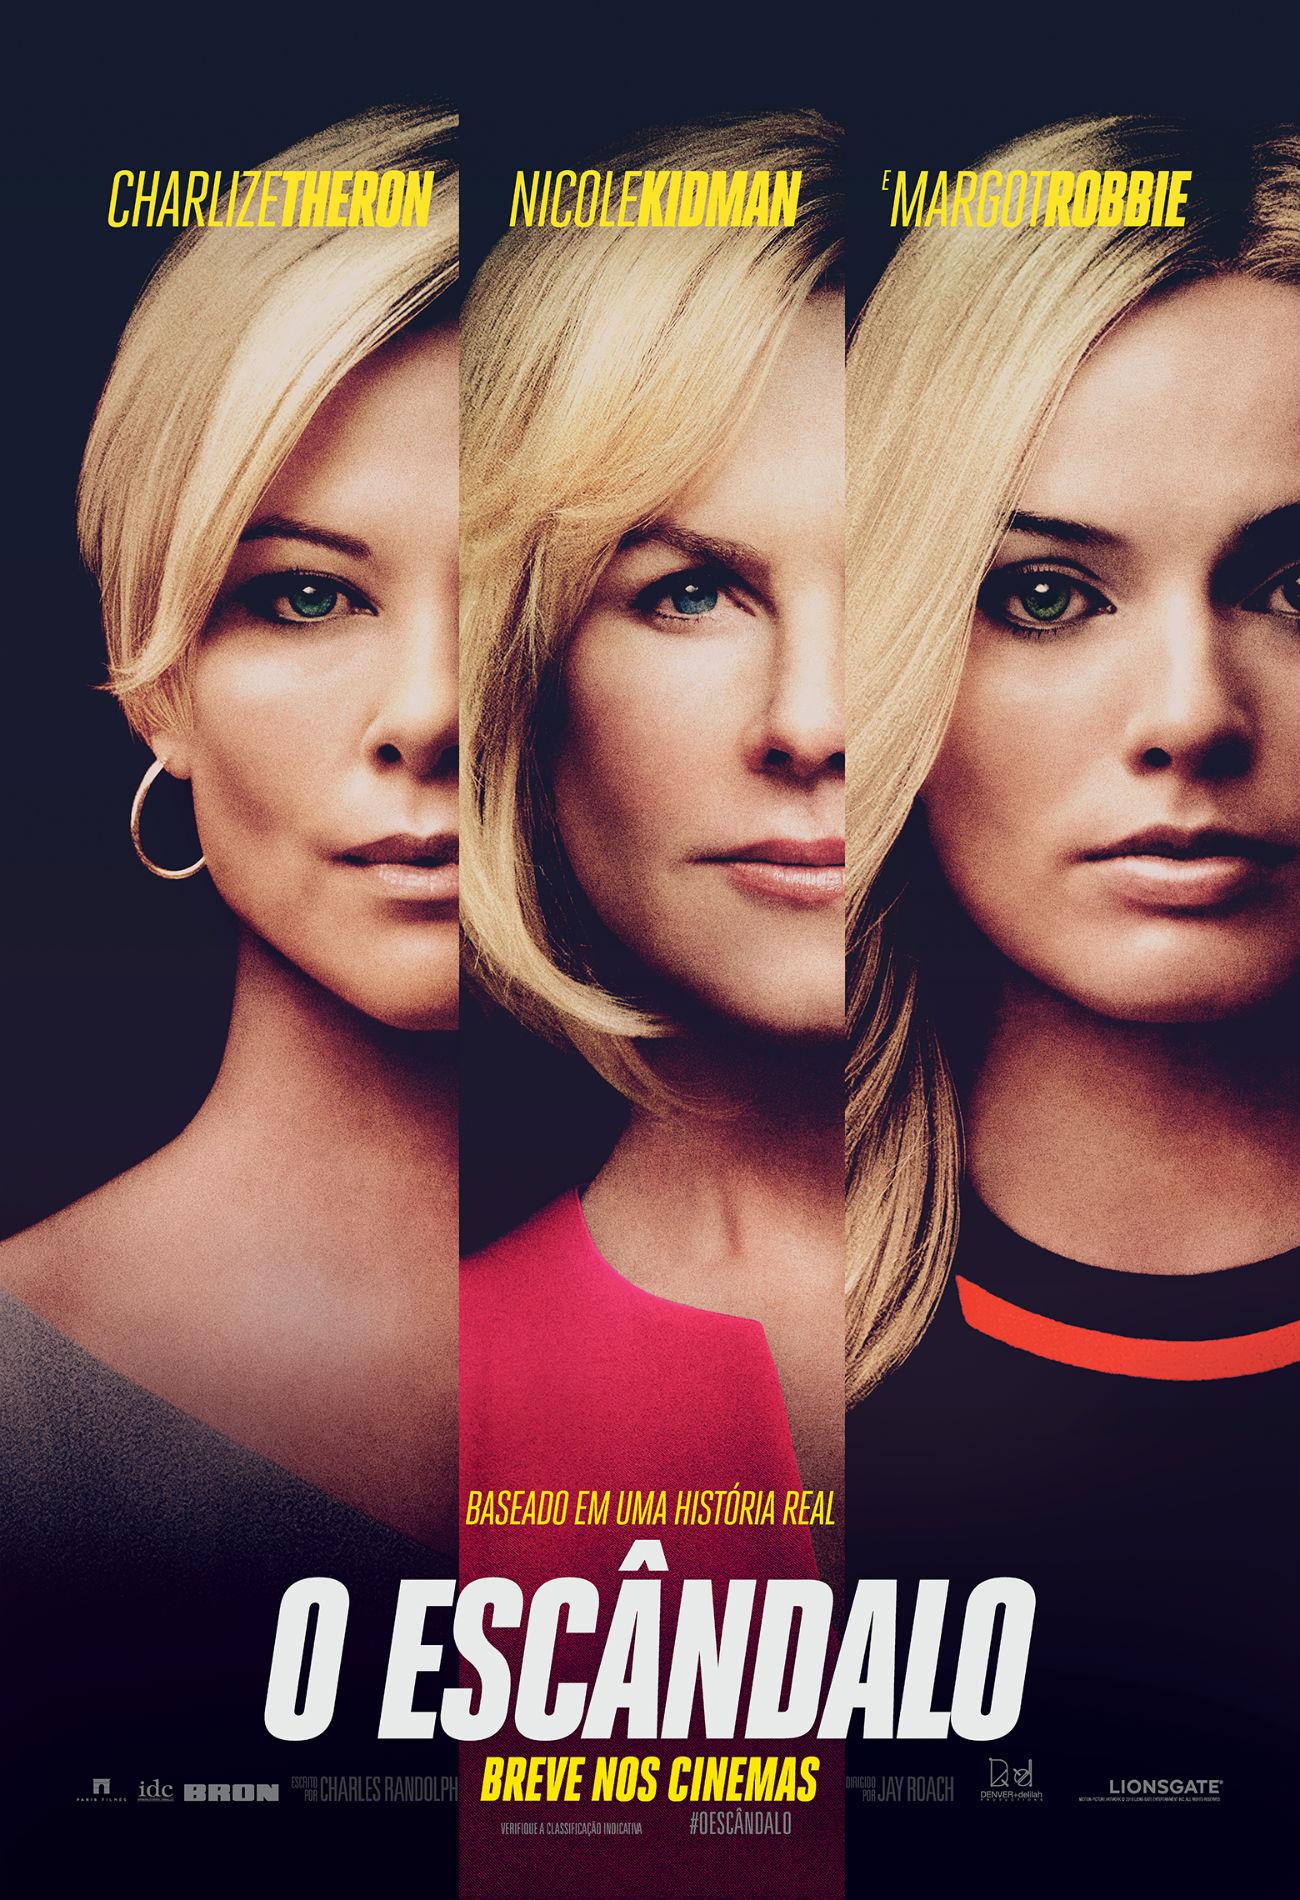 O Escândalo   Drama baseado em fatos reais ganha trailer completo